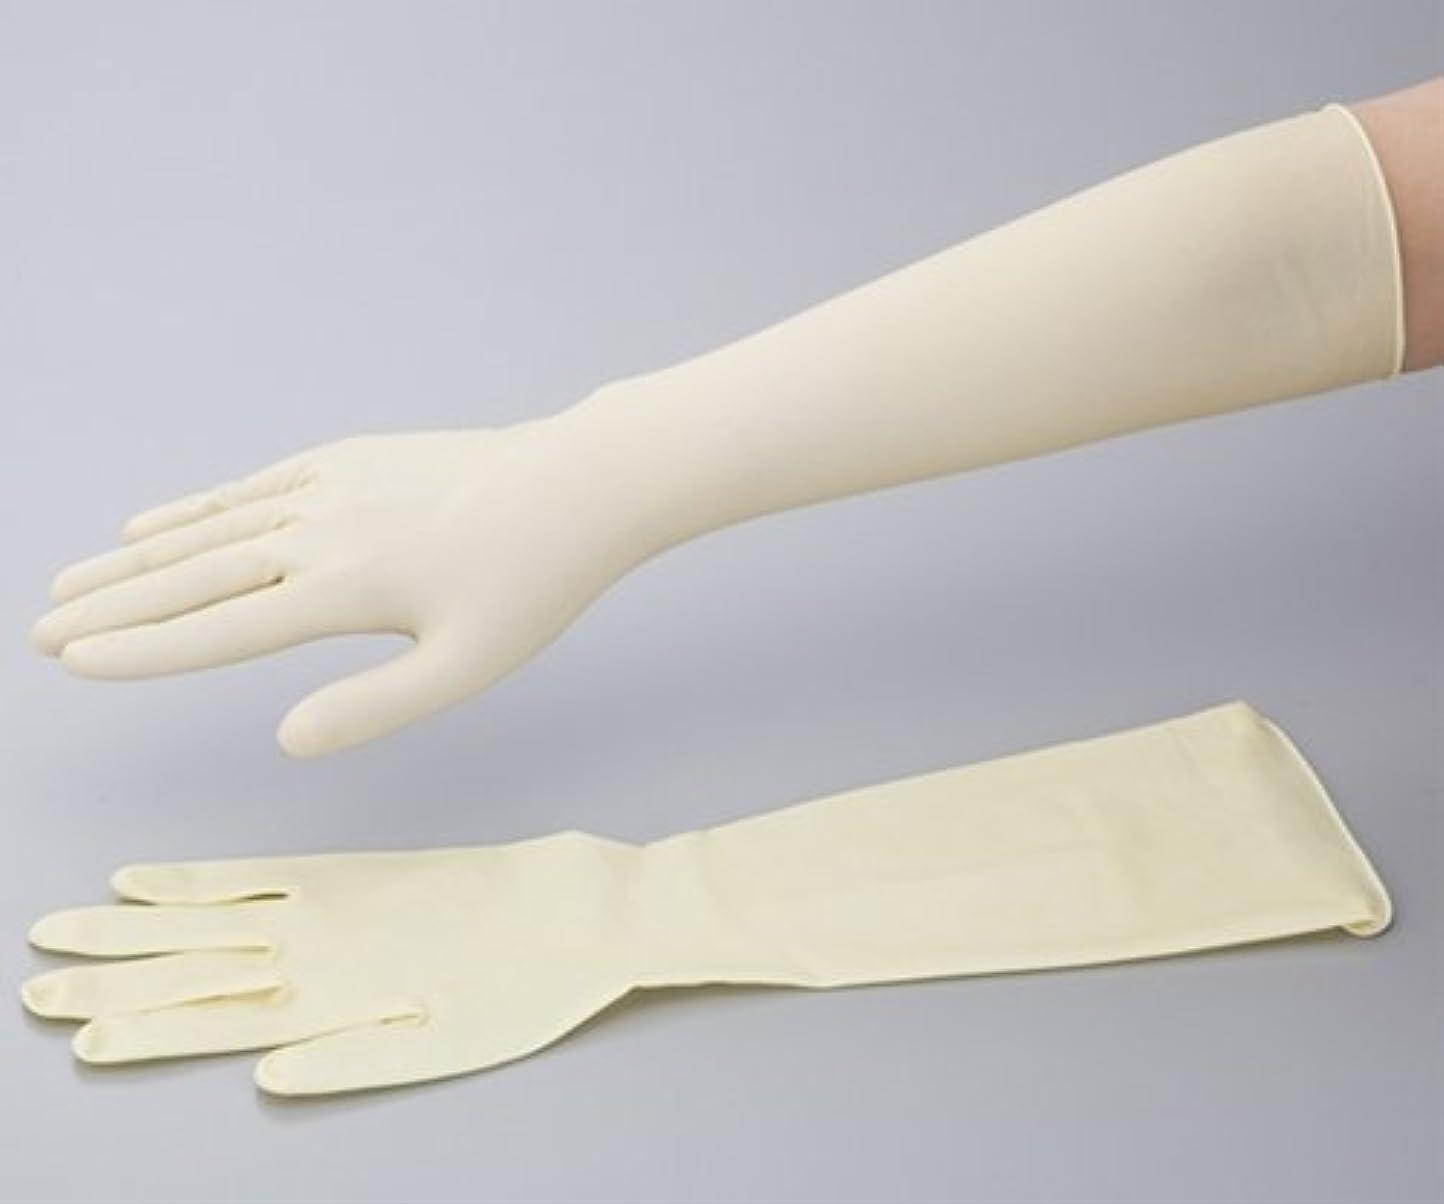 スタンド欠伸ピックラテックスロング手袋(スーパーロング)γ線滅菌済 S 50枚入り /0-6111-03